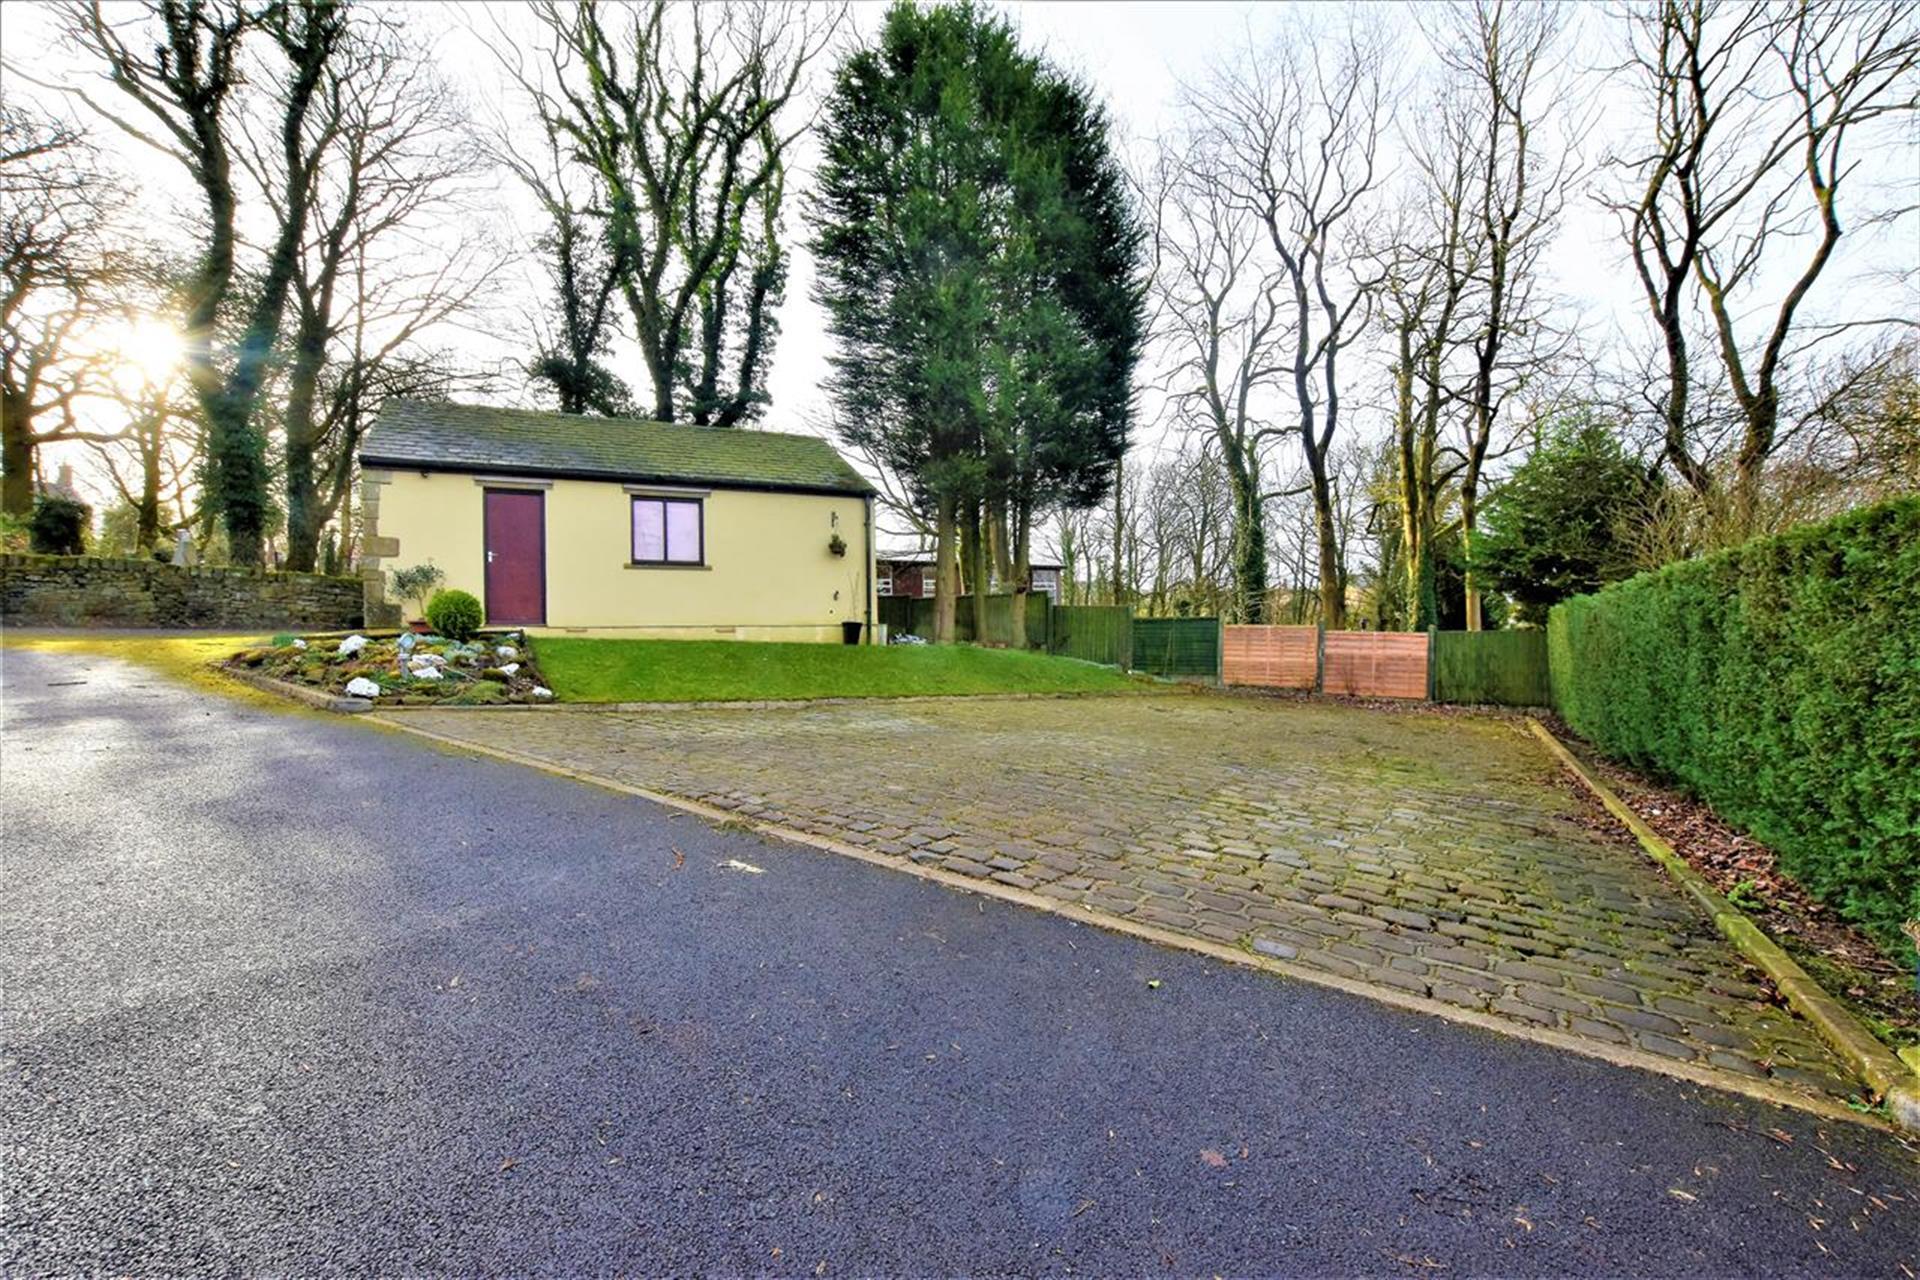 4 Bedroom Detached House For Sale - Detached Garage and Parking